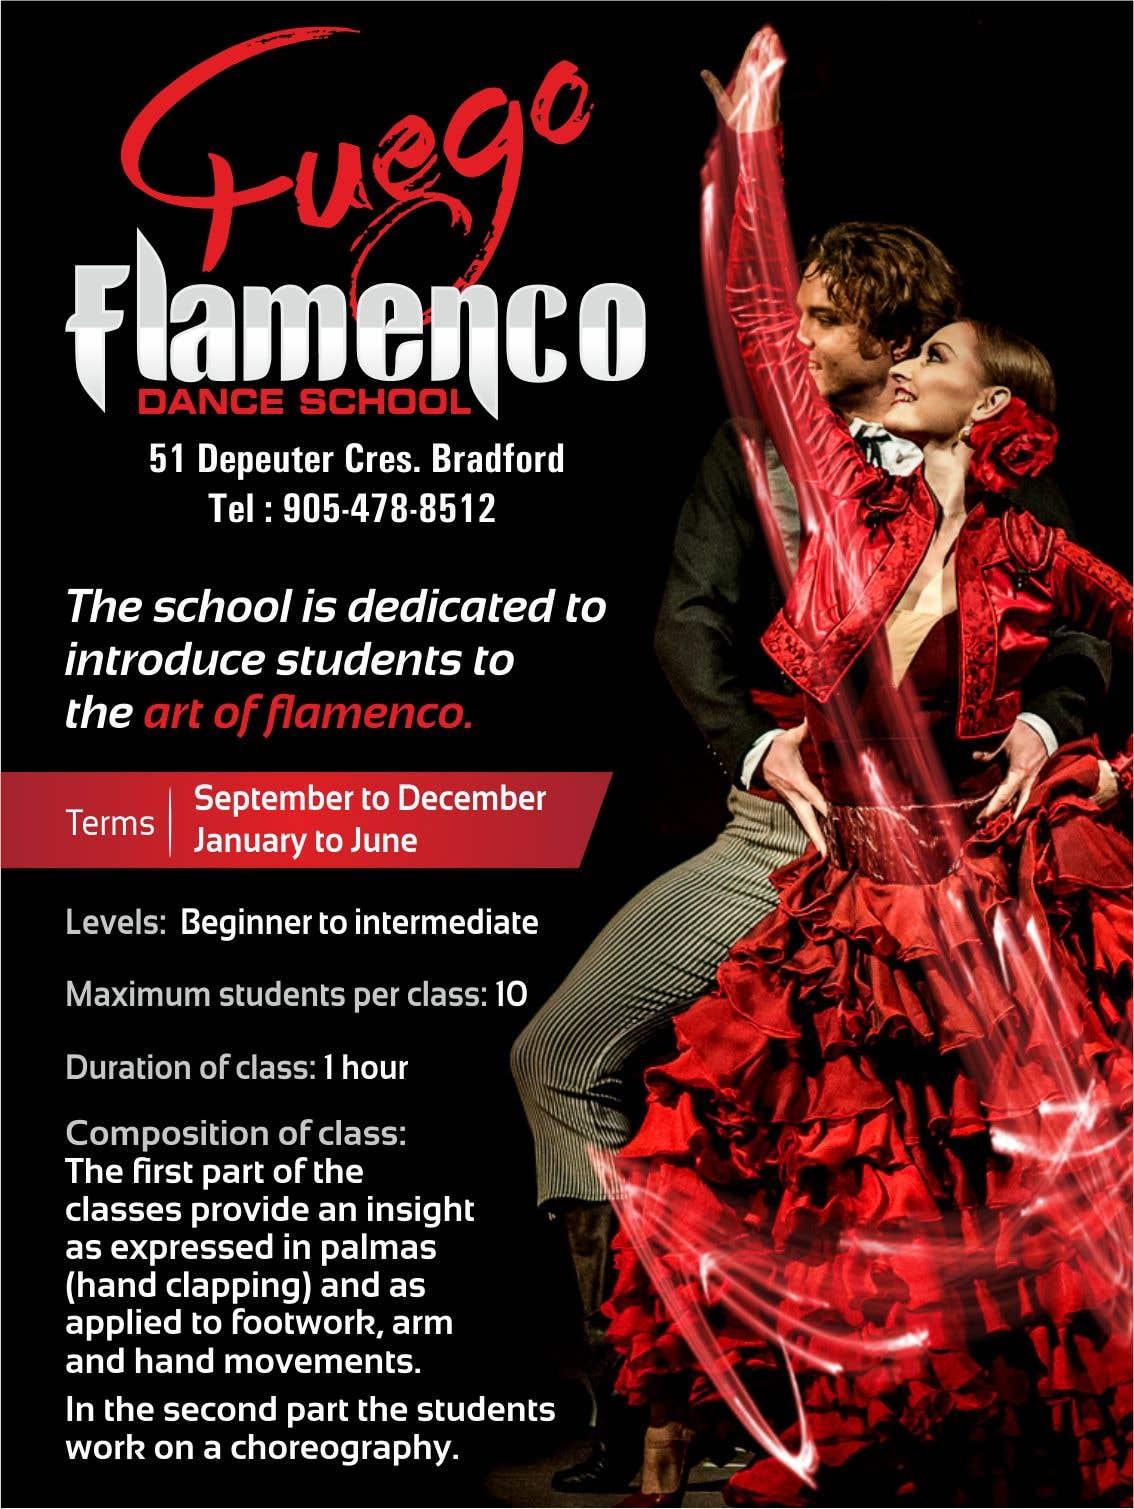 Feago Flamenco Dance School